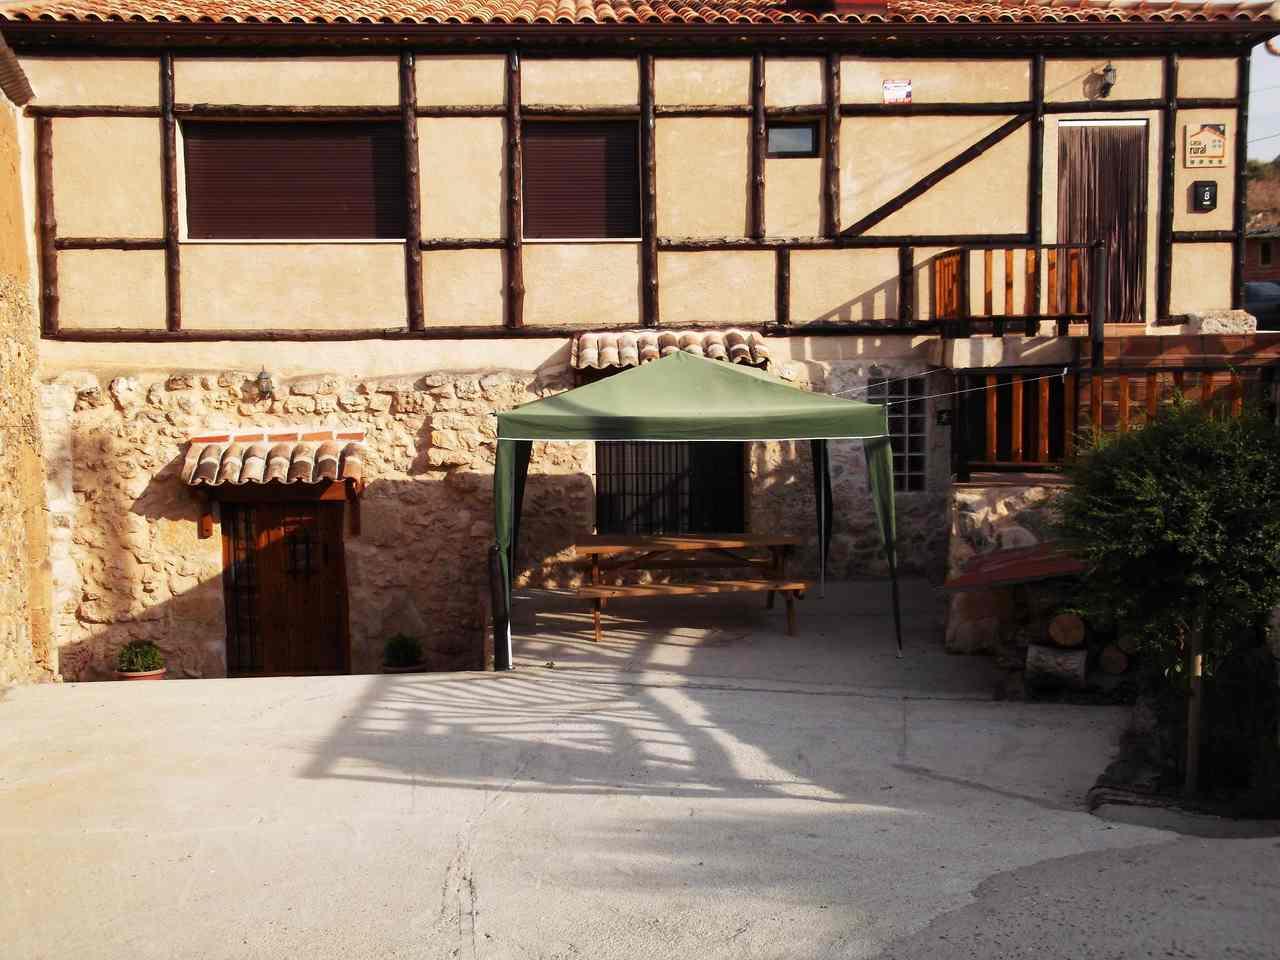 Alquiler vacacional en Curiel de Duero, Valladolid